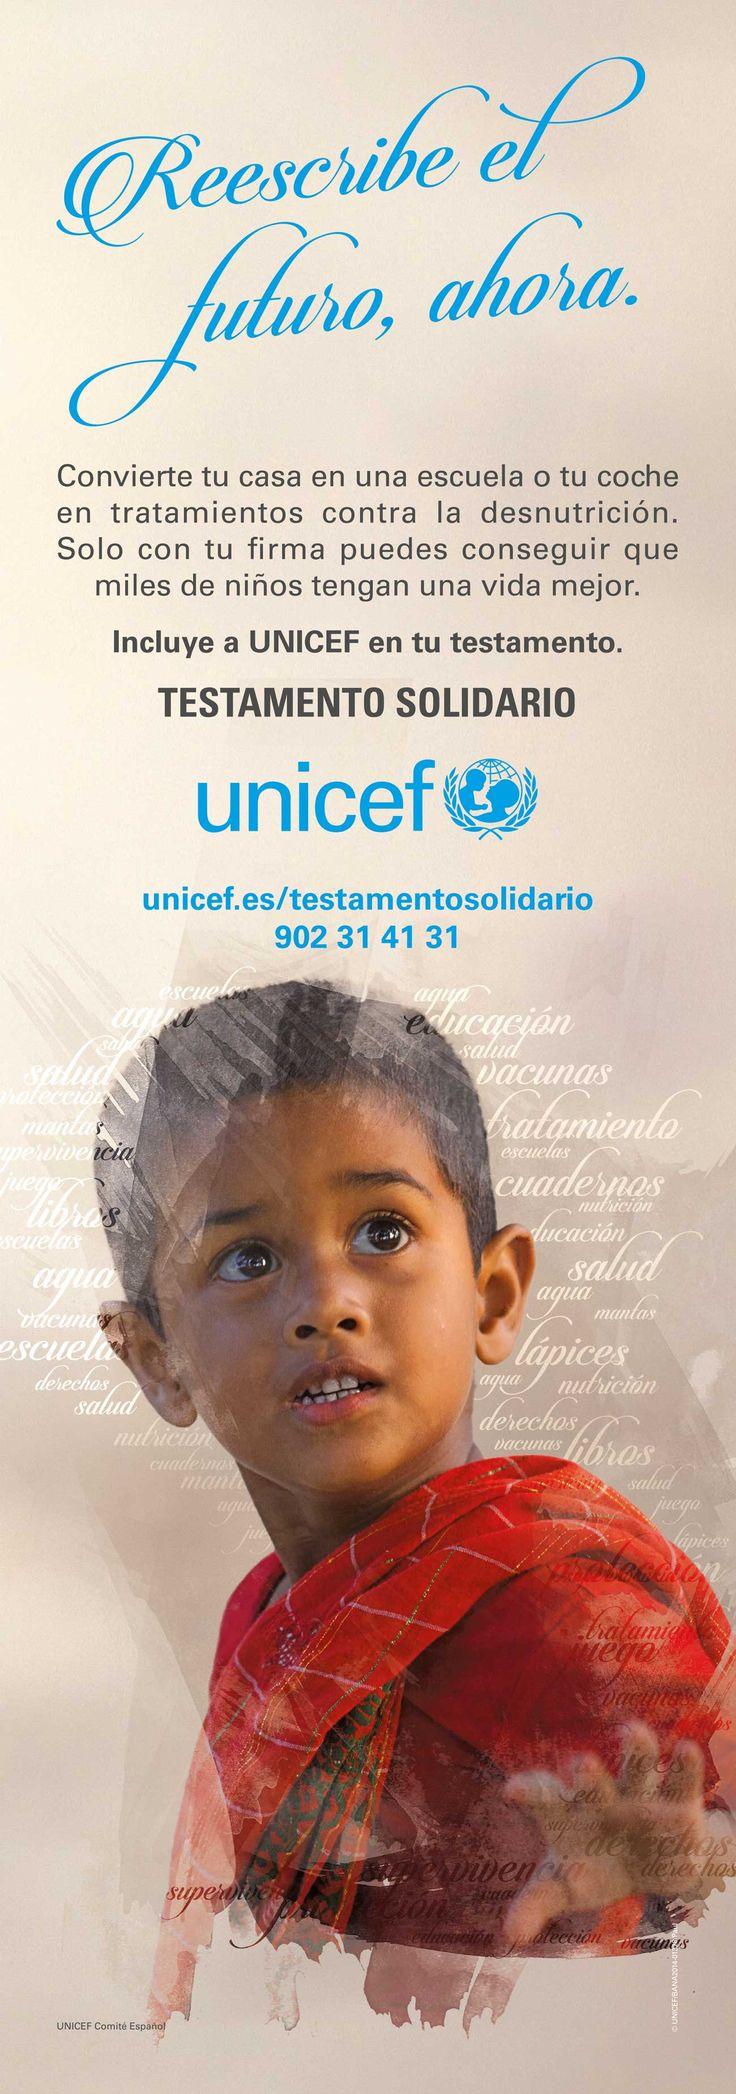 """Campaña de publicidad en quioscos de prensa en Madrid, para divulgar la acción de """"Testamento solidario"""" de UNICEF a través del slogan """"Reescribe el futuro ahora""""."""